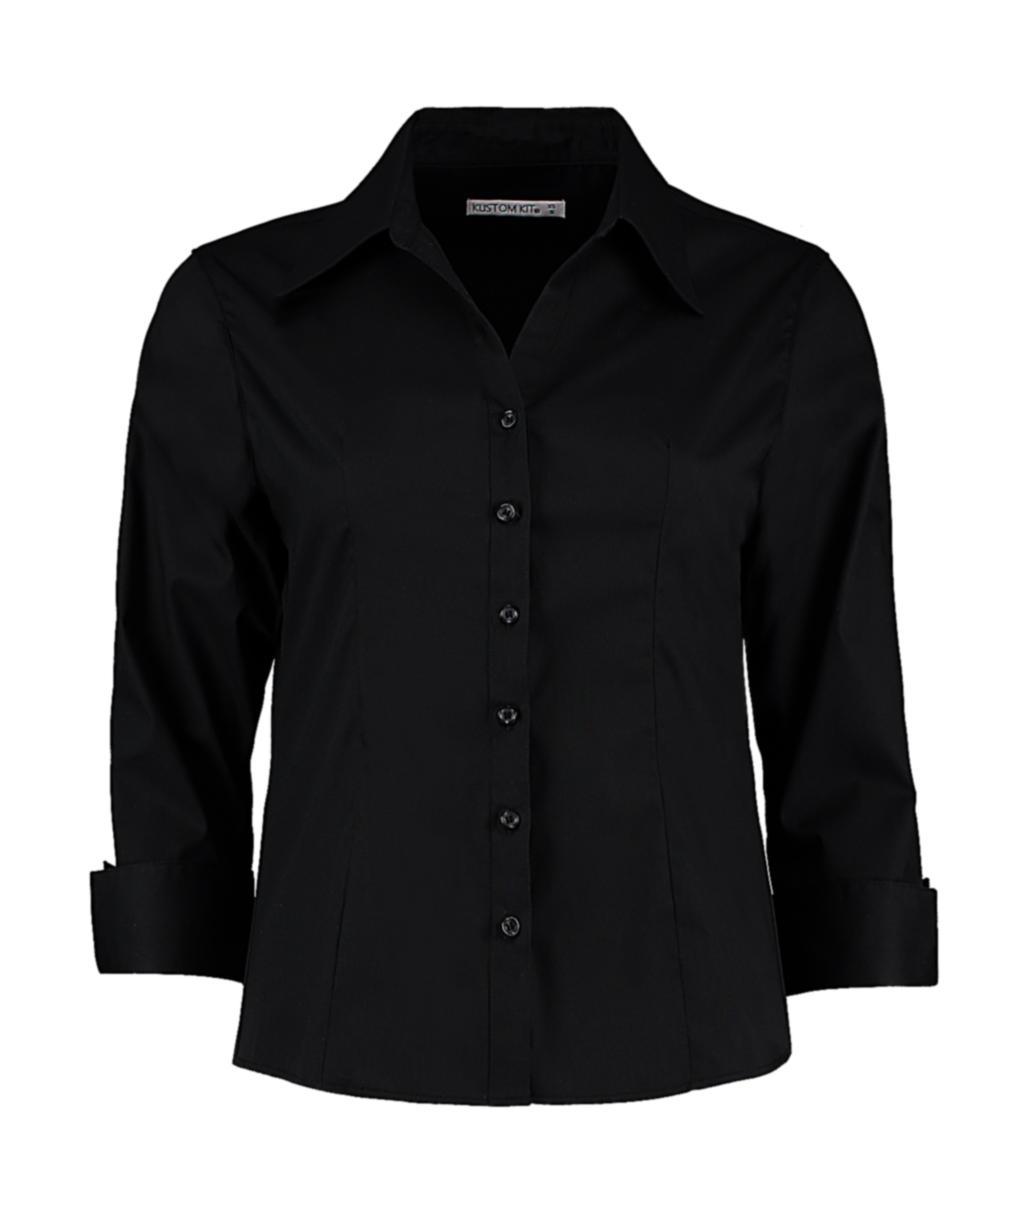 Dámská košile Premium Oxford Tailored fit 3/4  P/  - zvìtšit obrázek